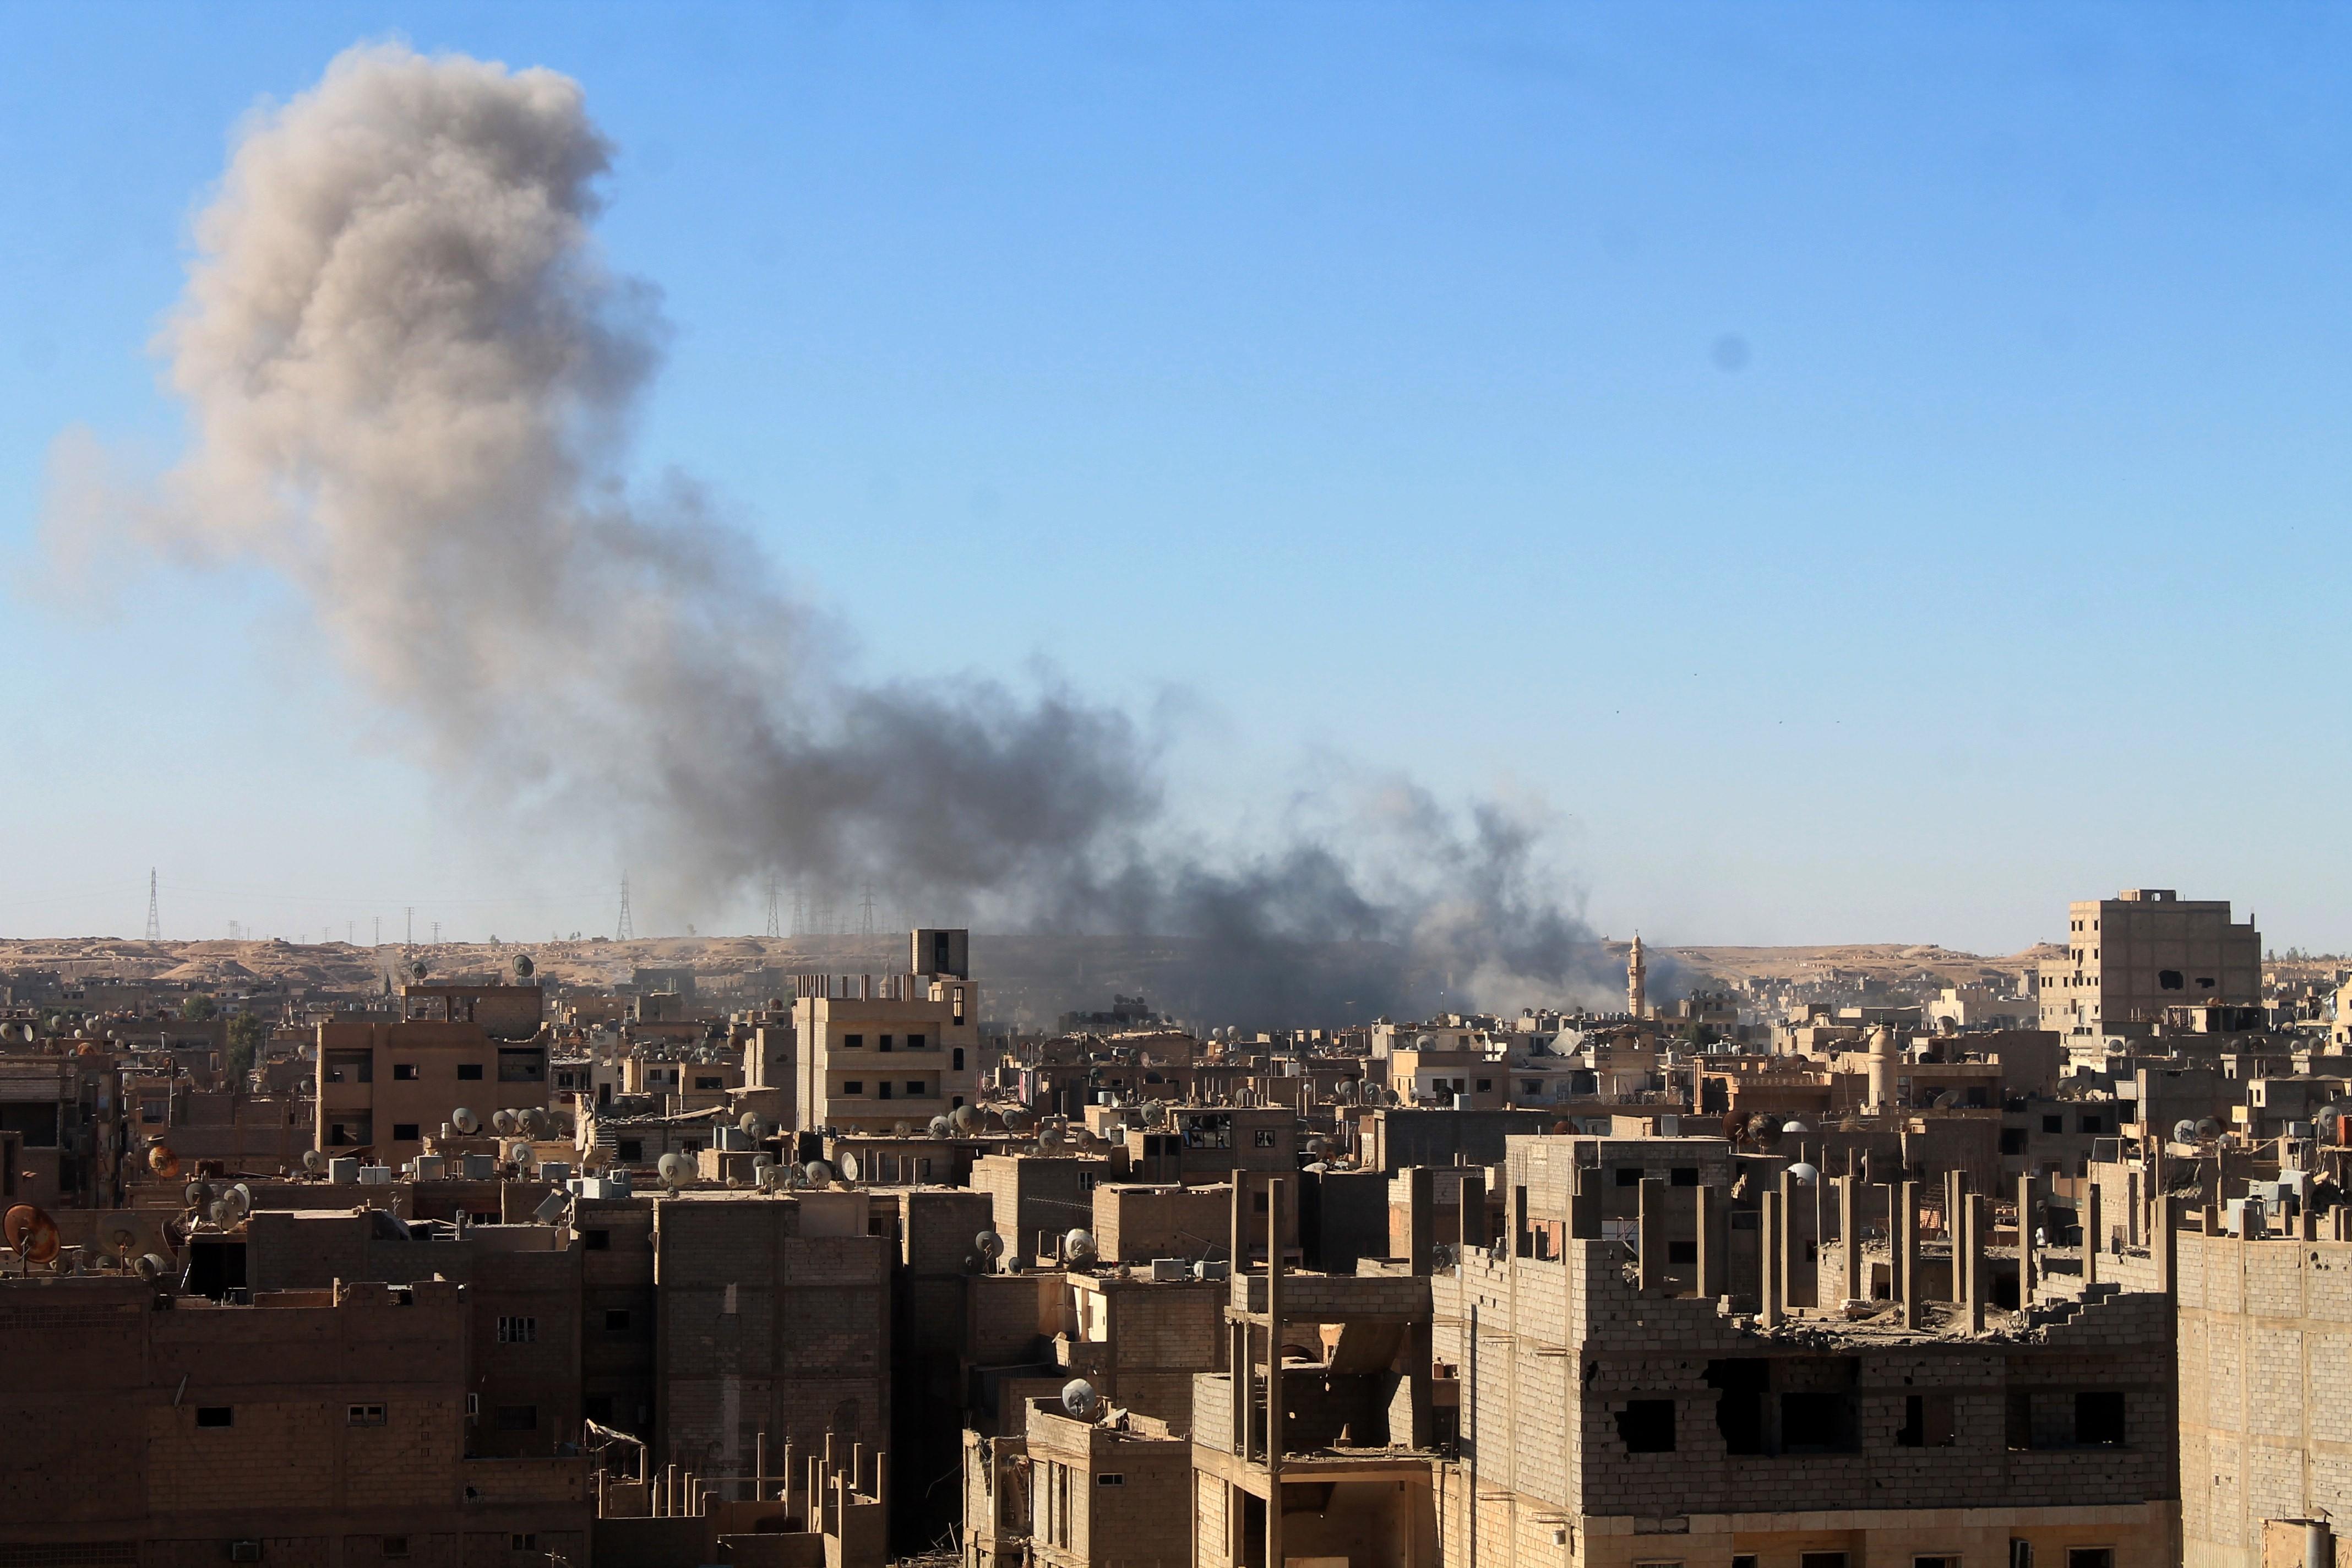 الجماعات الإرهابية تواصل خرق اتفاق منطقة خفض التصعيد في سوريا